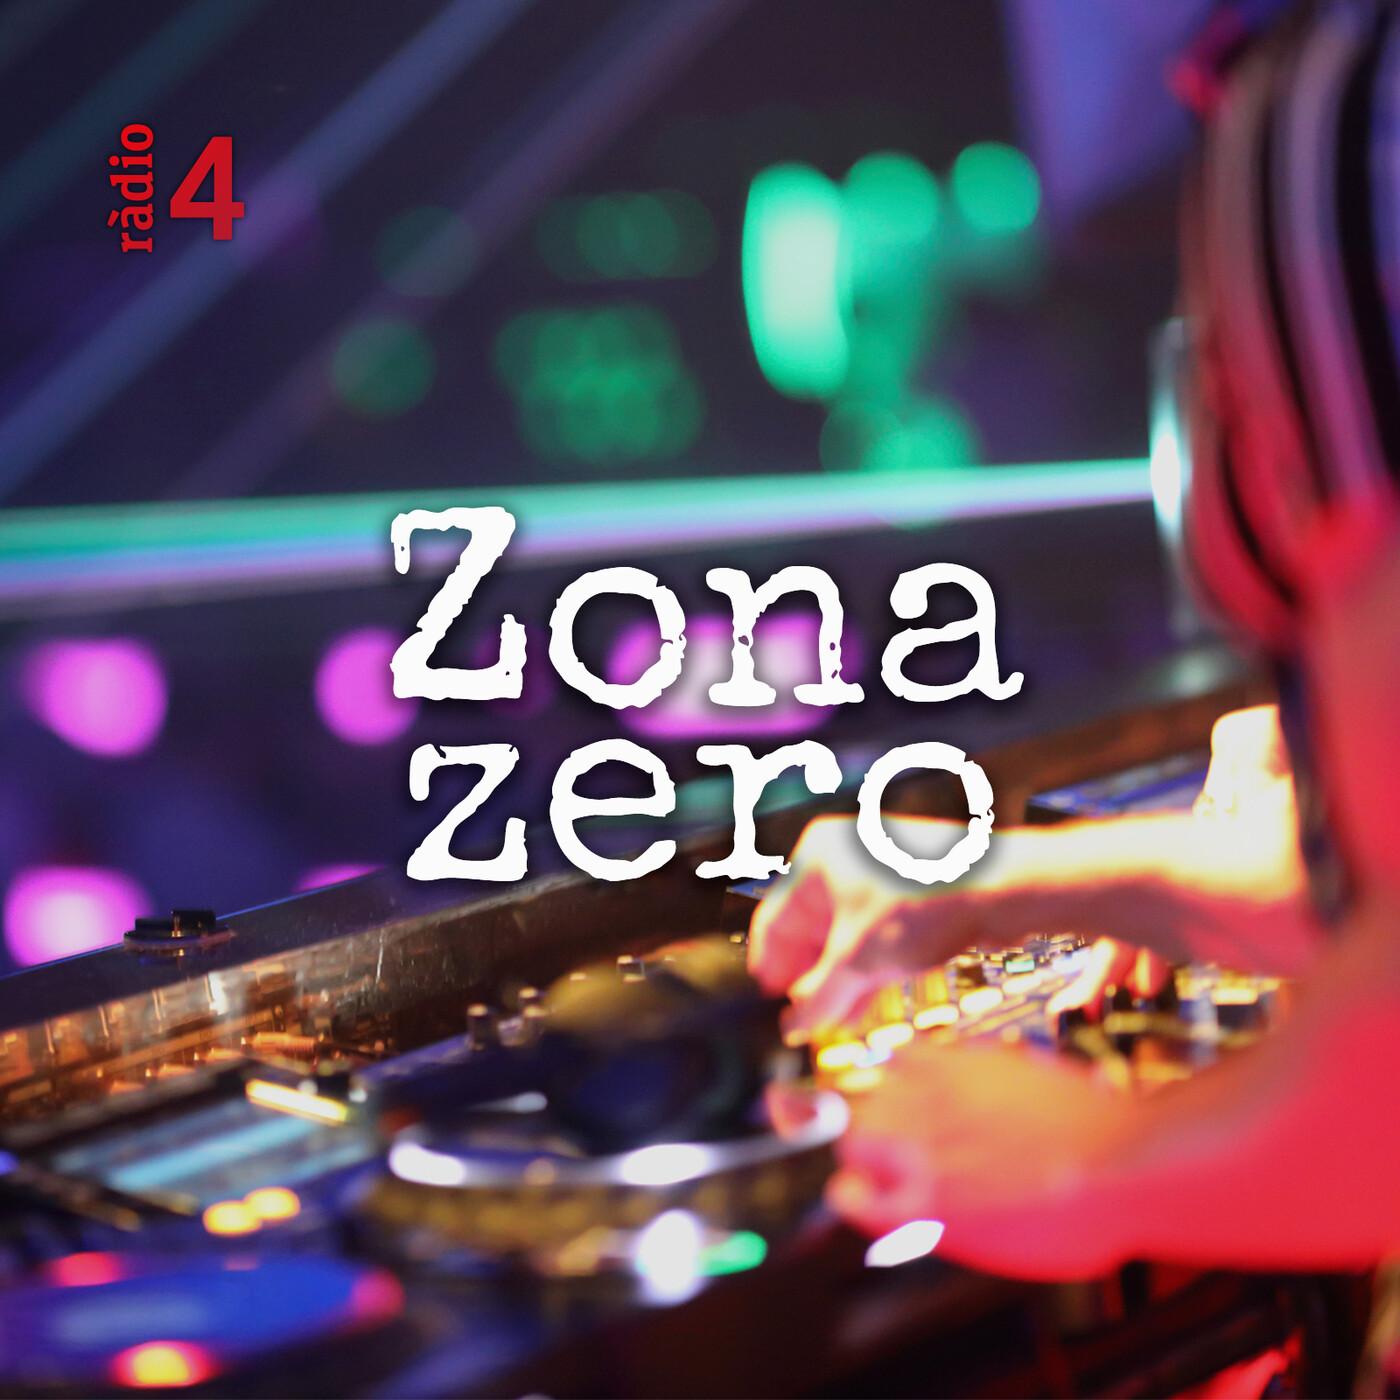 Zona Zero - Música nova per a començar la setmana